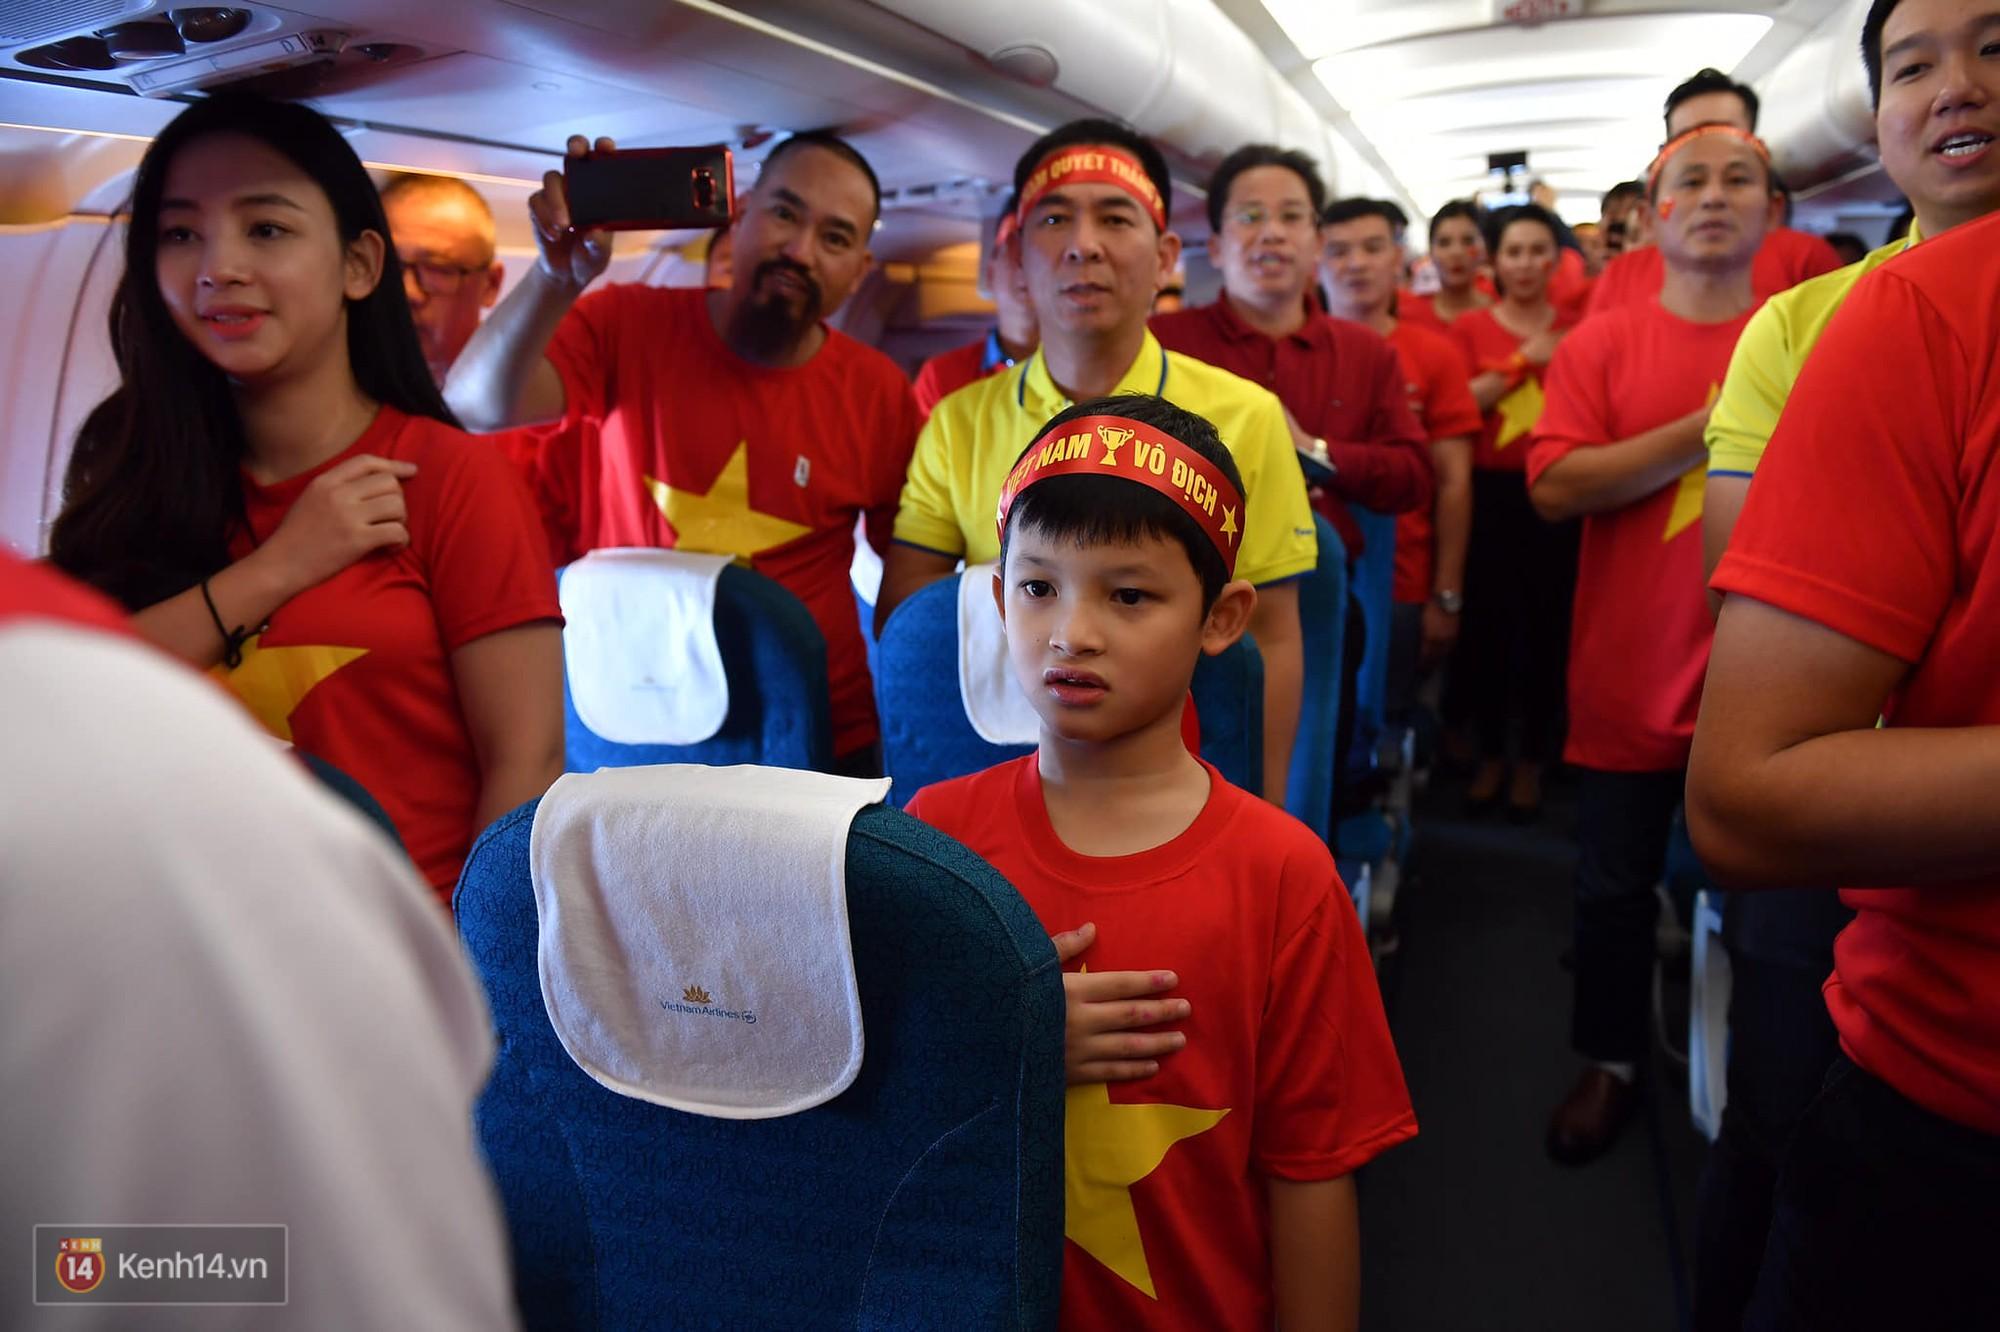 CĐV Việt Nam cùng nhau hát Quốc ca ở độ cao 10.000m, hết mình cổ vũ cho ĐT nước nhà trong trận chung kết AFF Cup 2018 - Ảnh 4